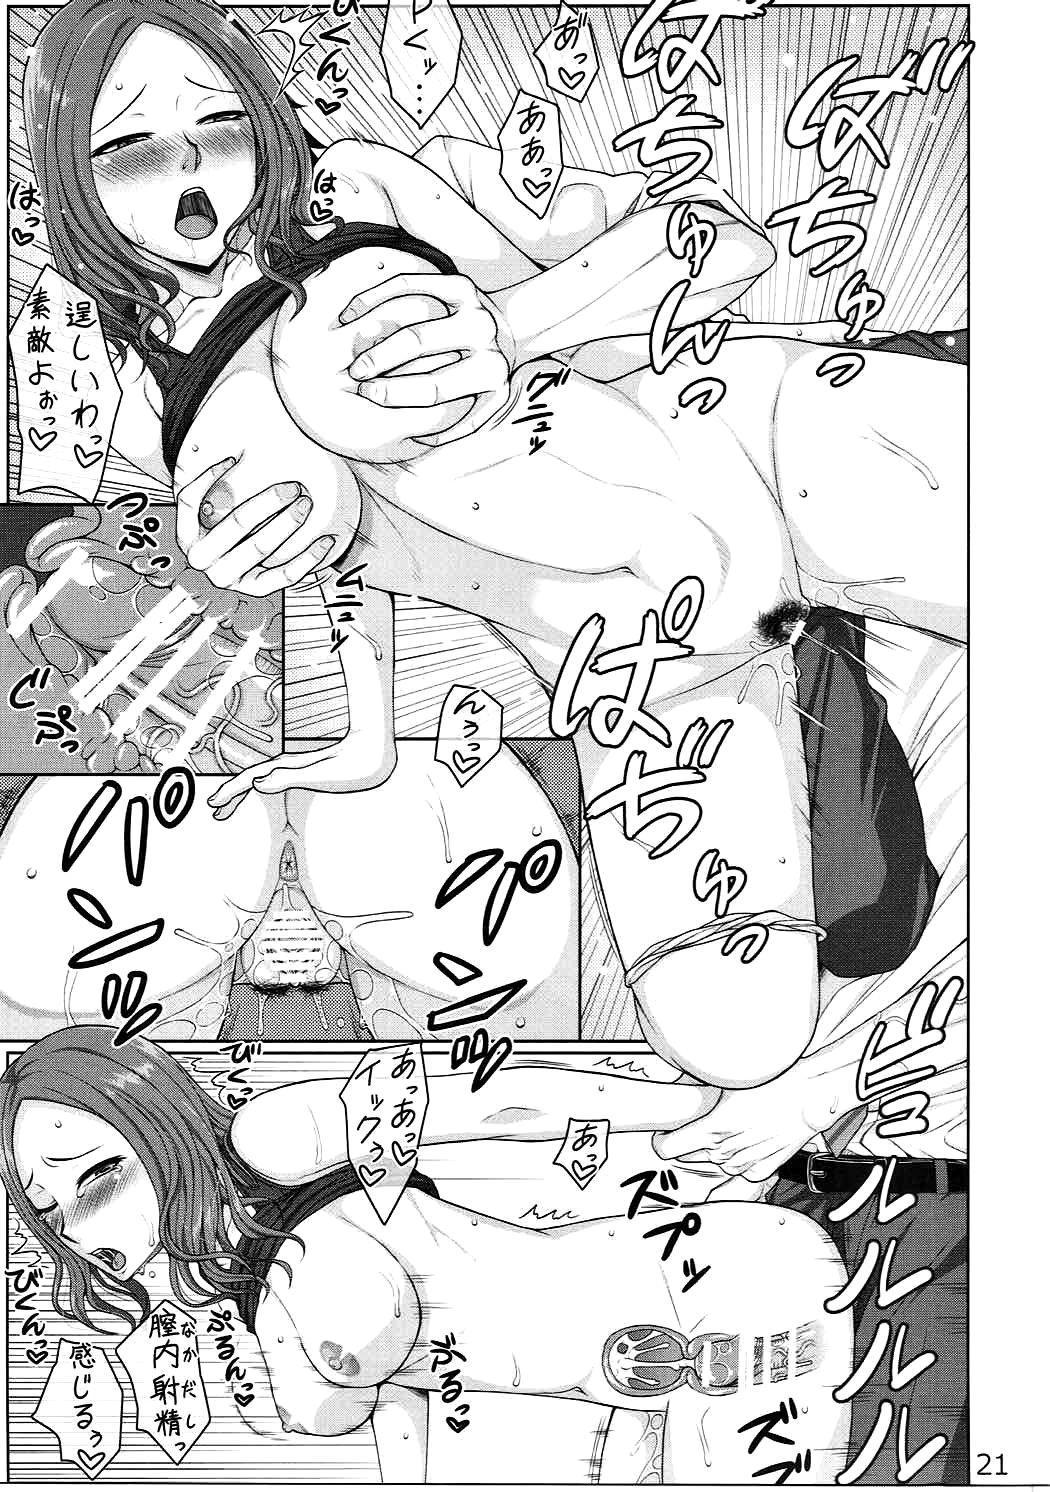 Tsukareta Idol o Nerau Akushitsu SexHara Massage 19